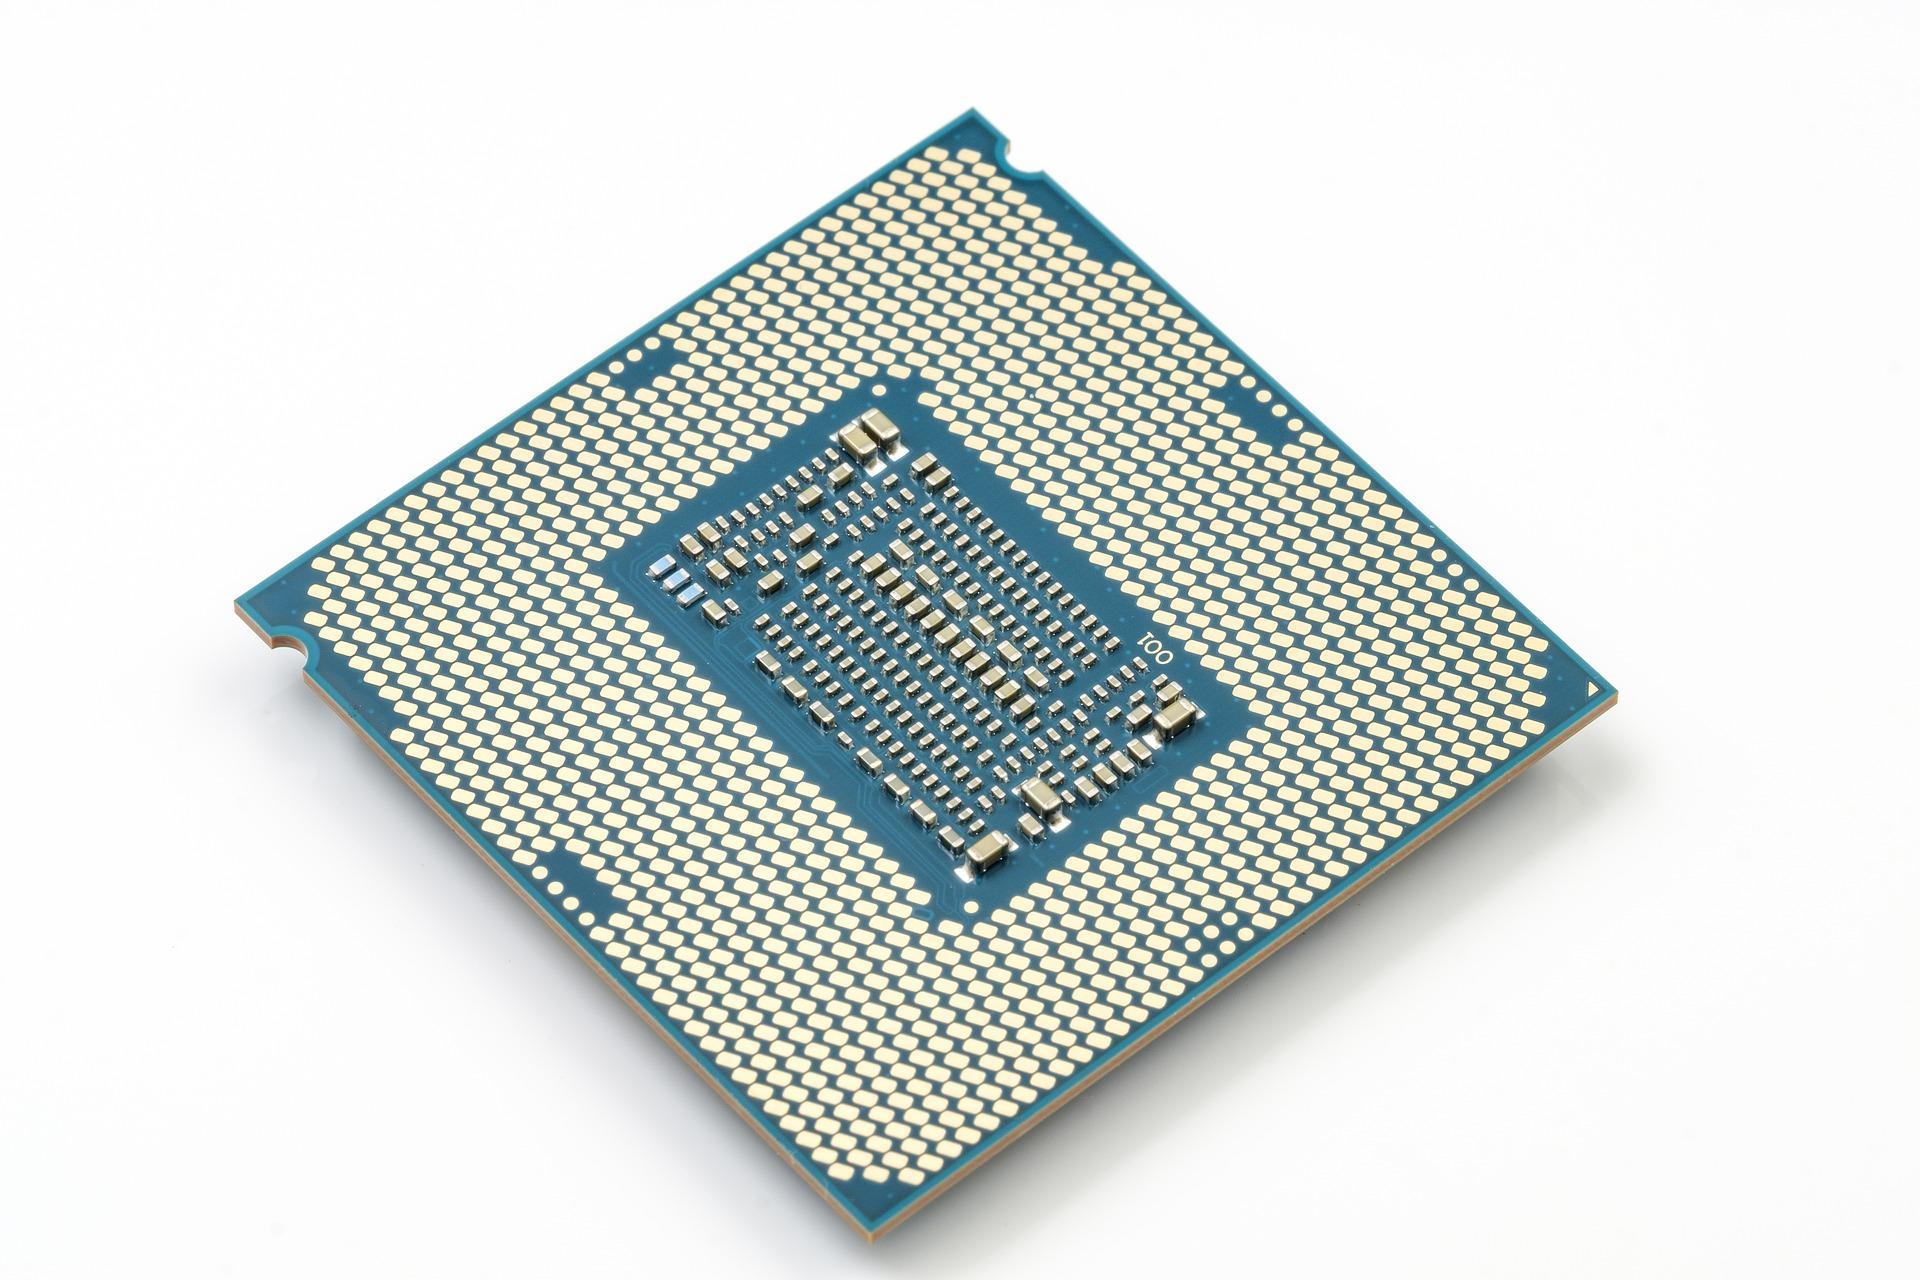 Утечка 8-ядерных процессоров Intel Rocket Lake 5,0 ГГц. Они на уровне AMD Ryzen 7 5800X